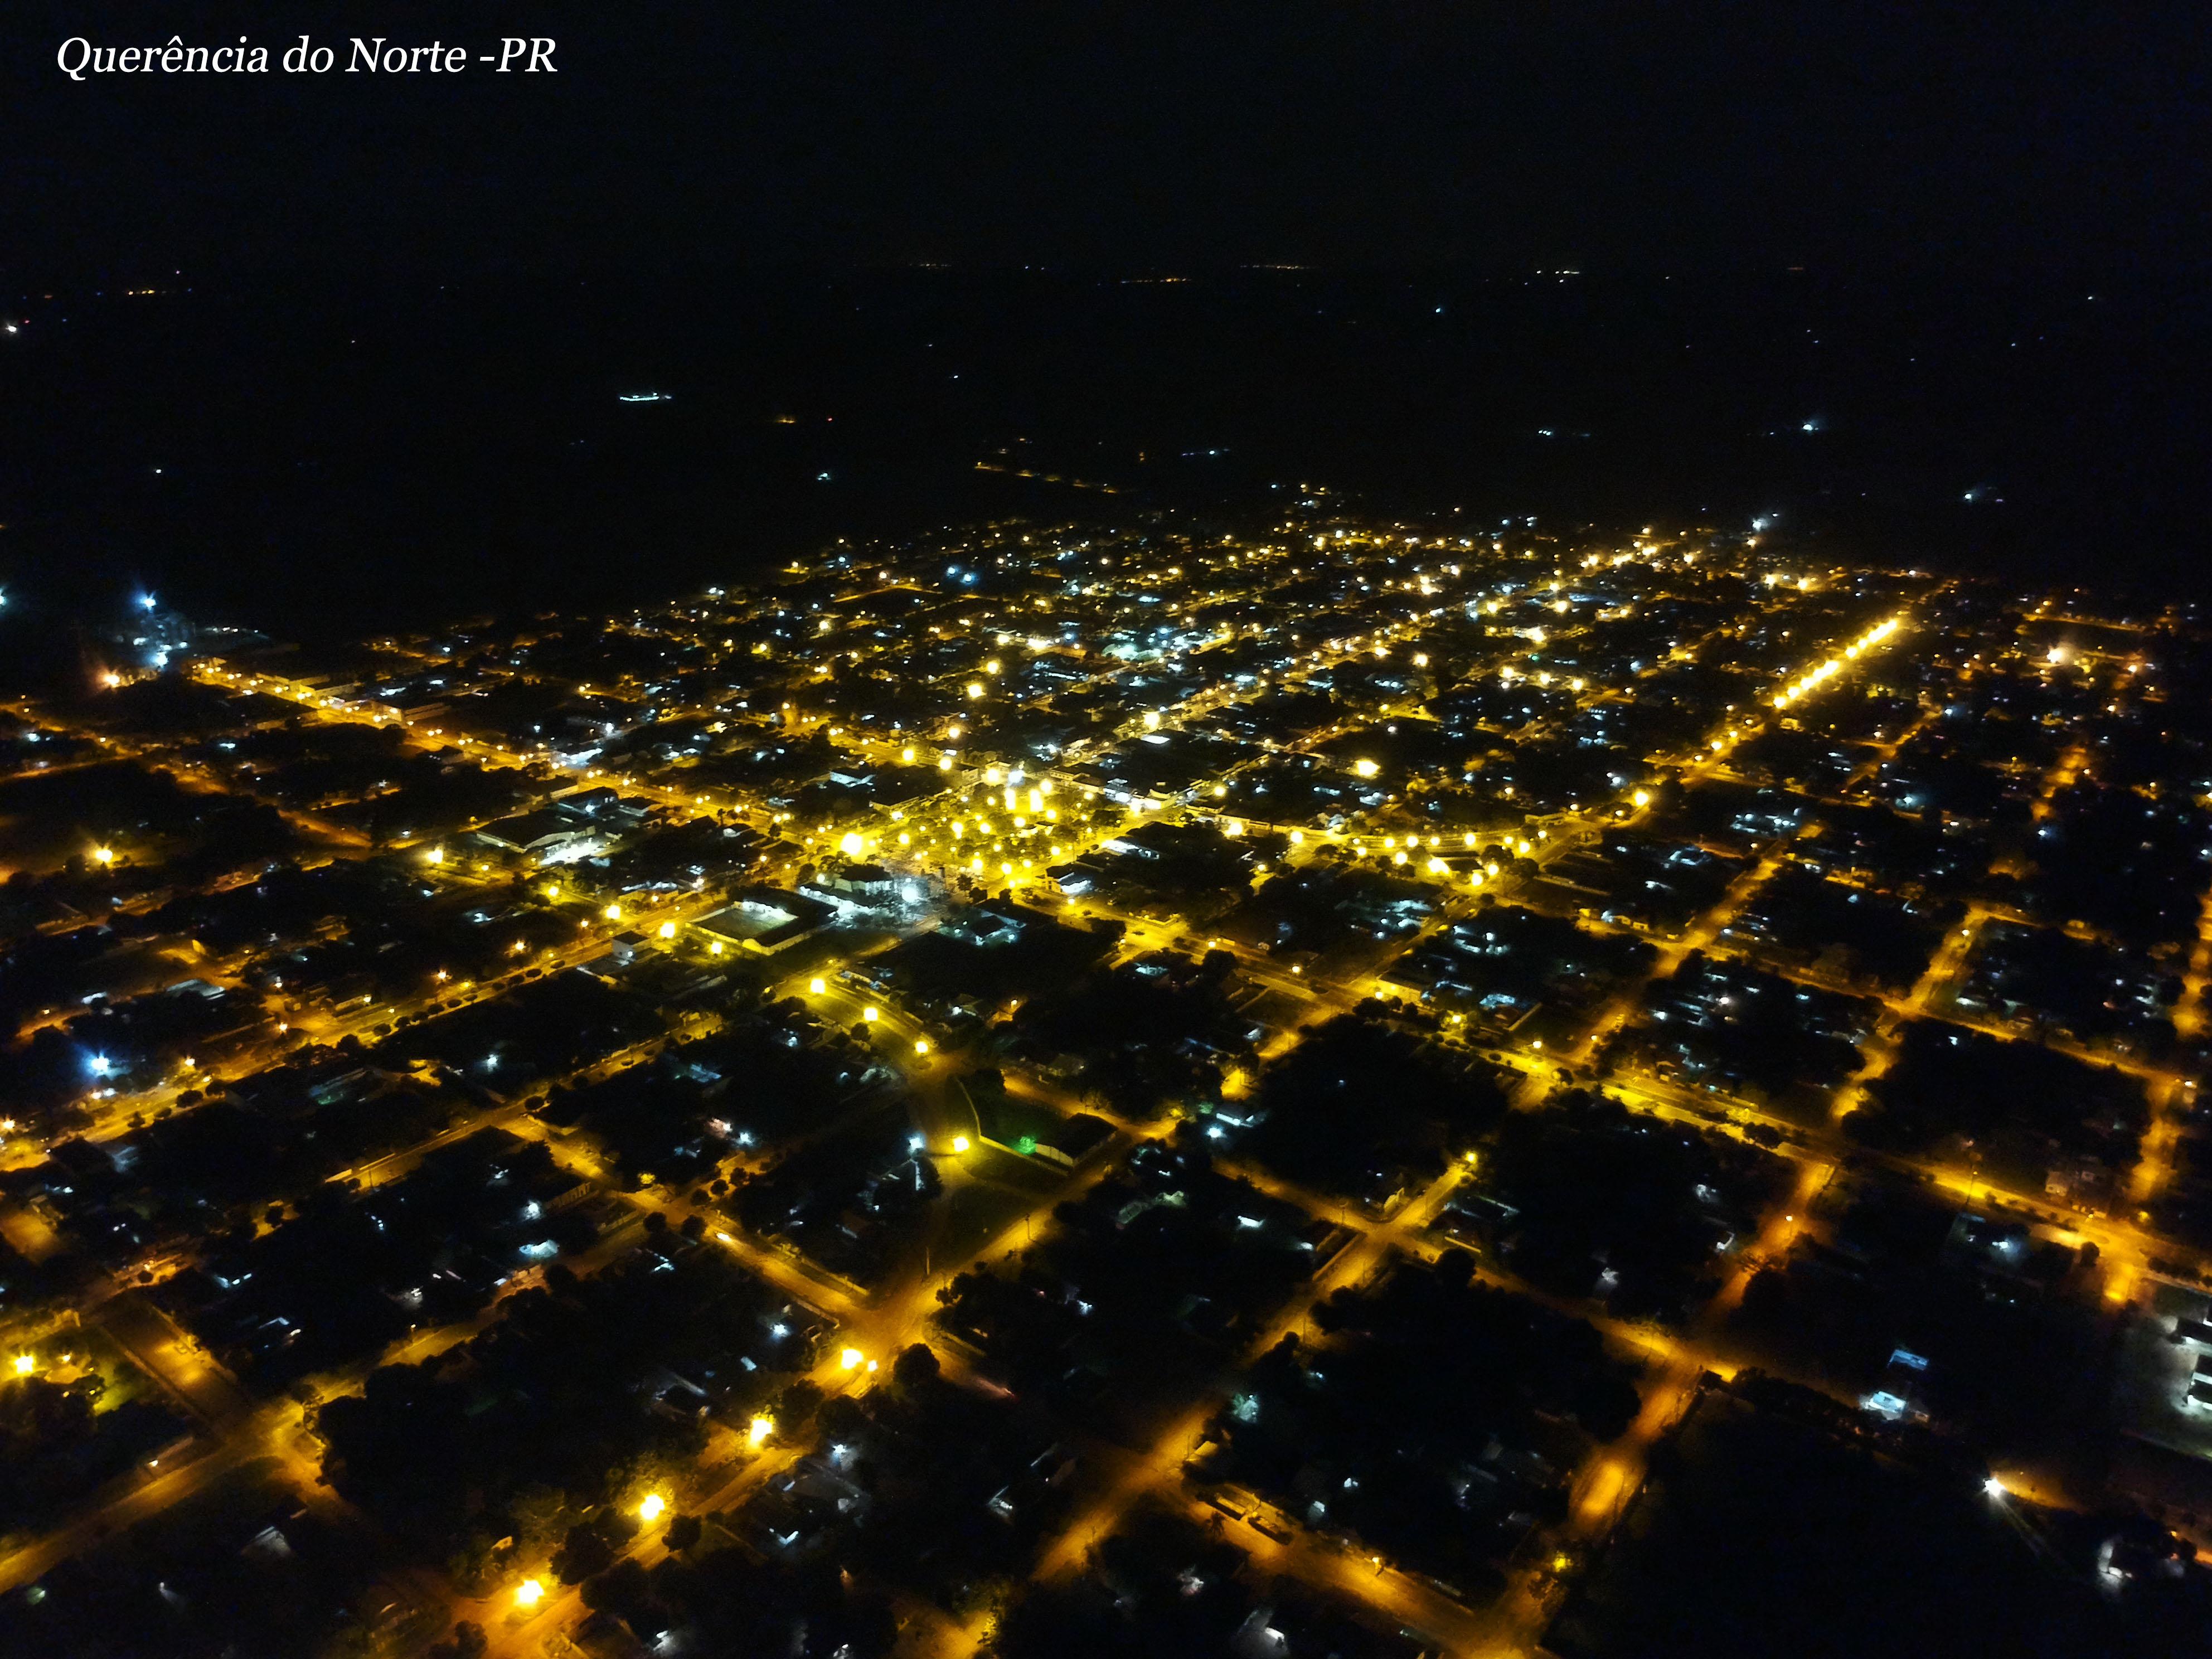 Querência do norte visão noturna